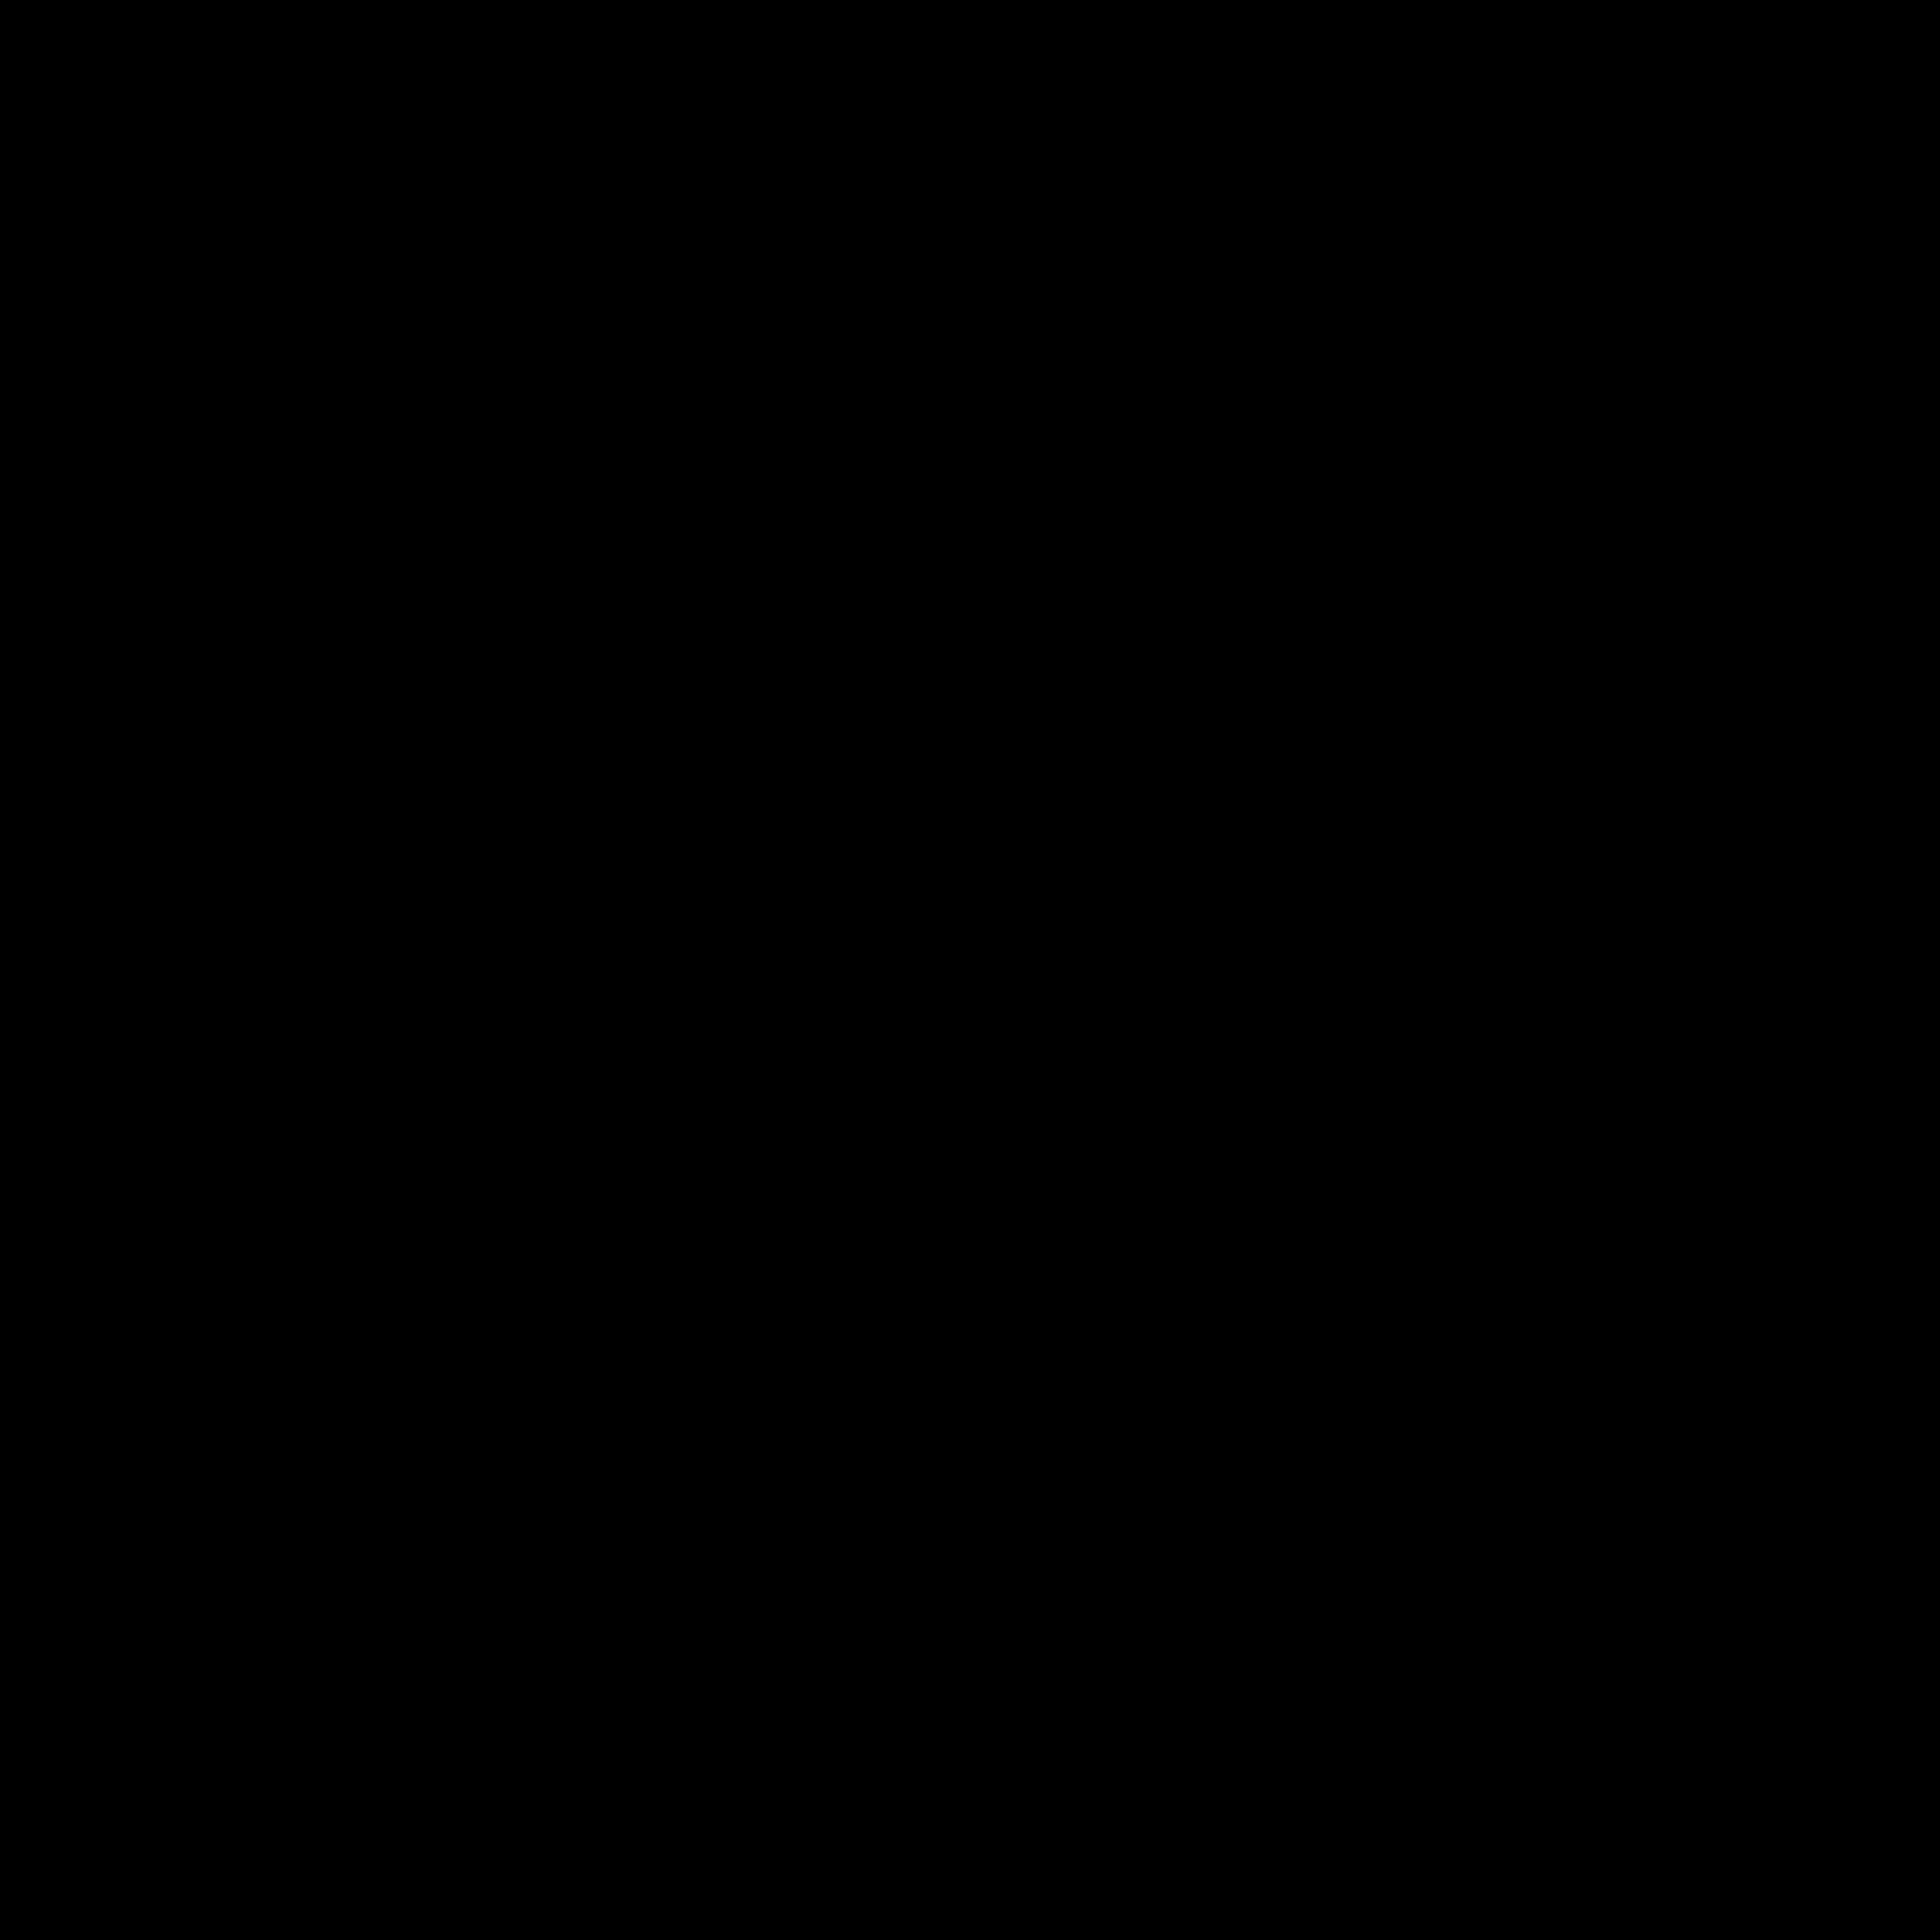 Nike Swoosh Logo Shoe Converse.